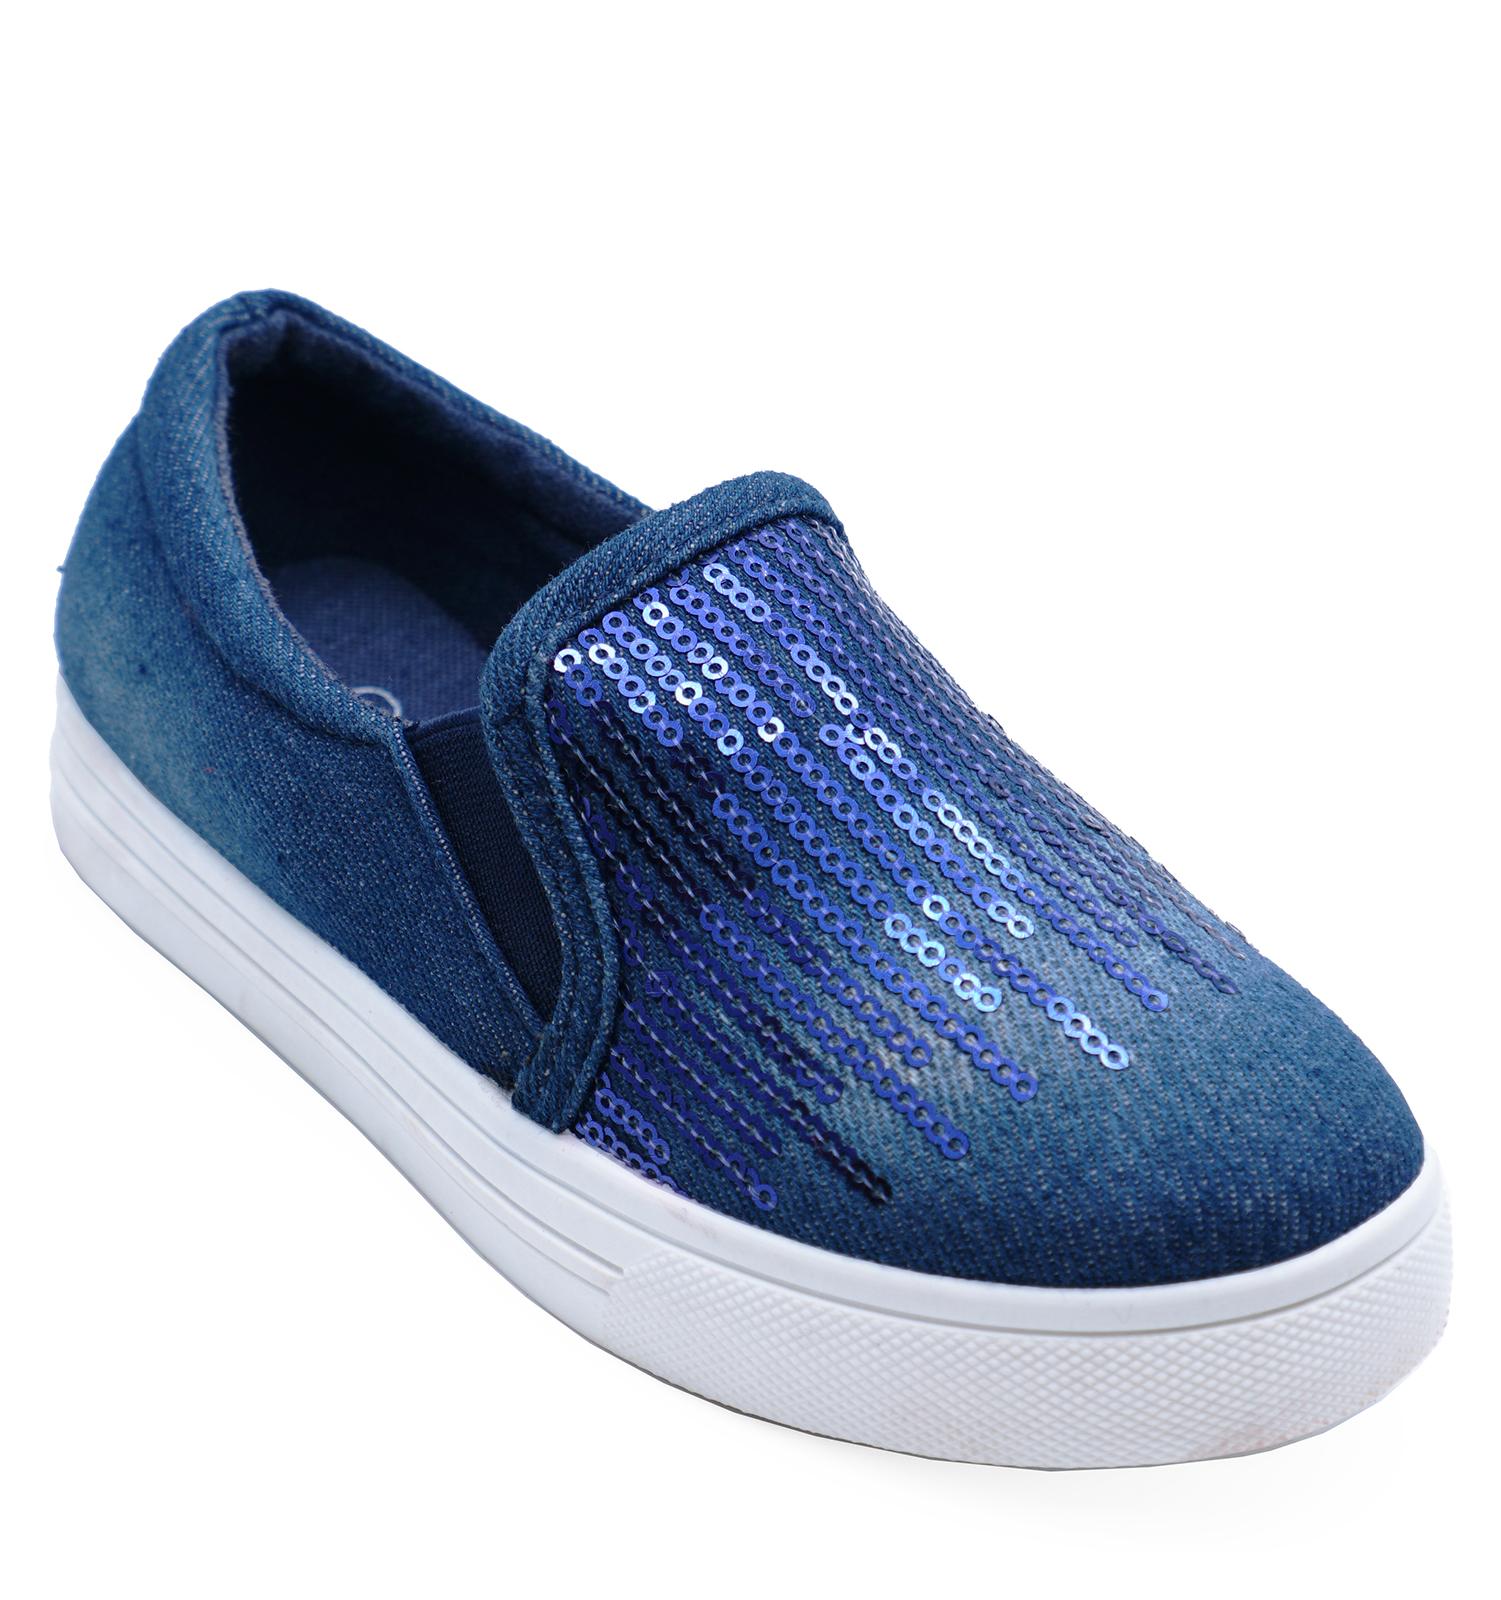 Ninos-Denim-Azul-Oscuro-Sin-Cordones-Comodo-Playera-bombas-Lentejuelas-Zapatillas-Zapatos-Talla-8-1